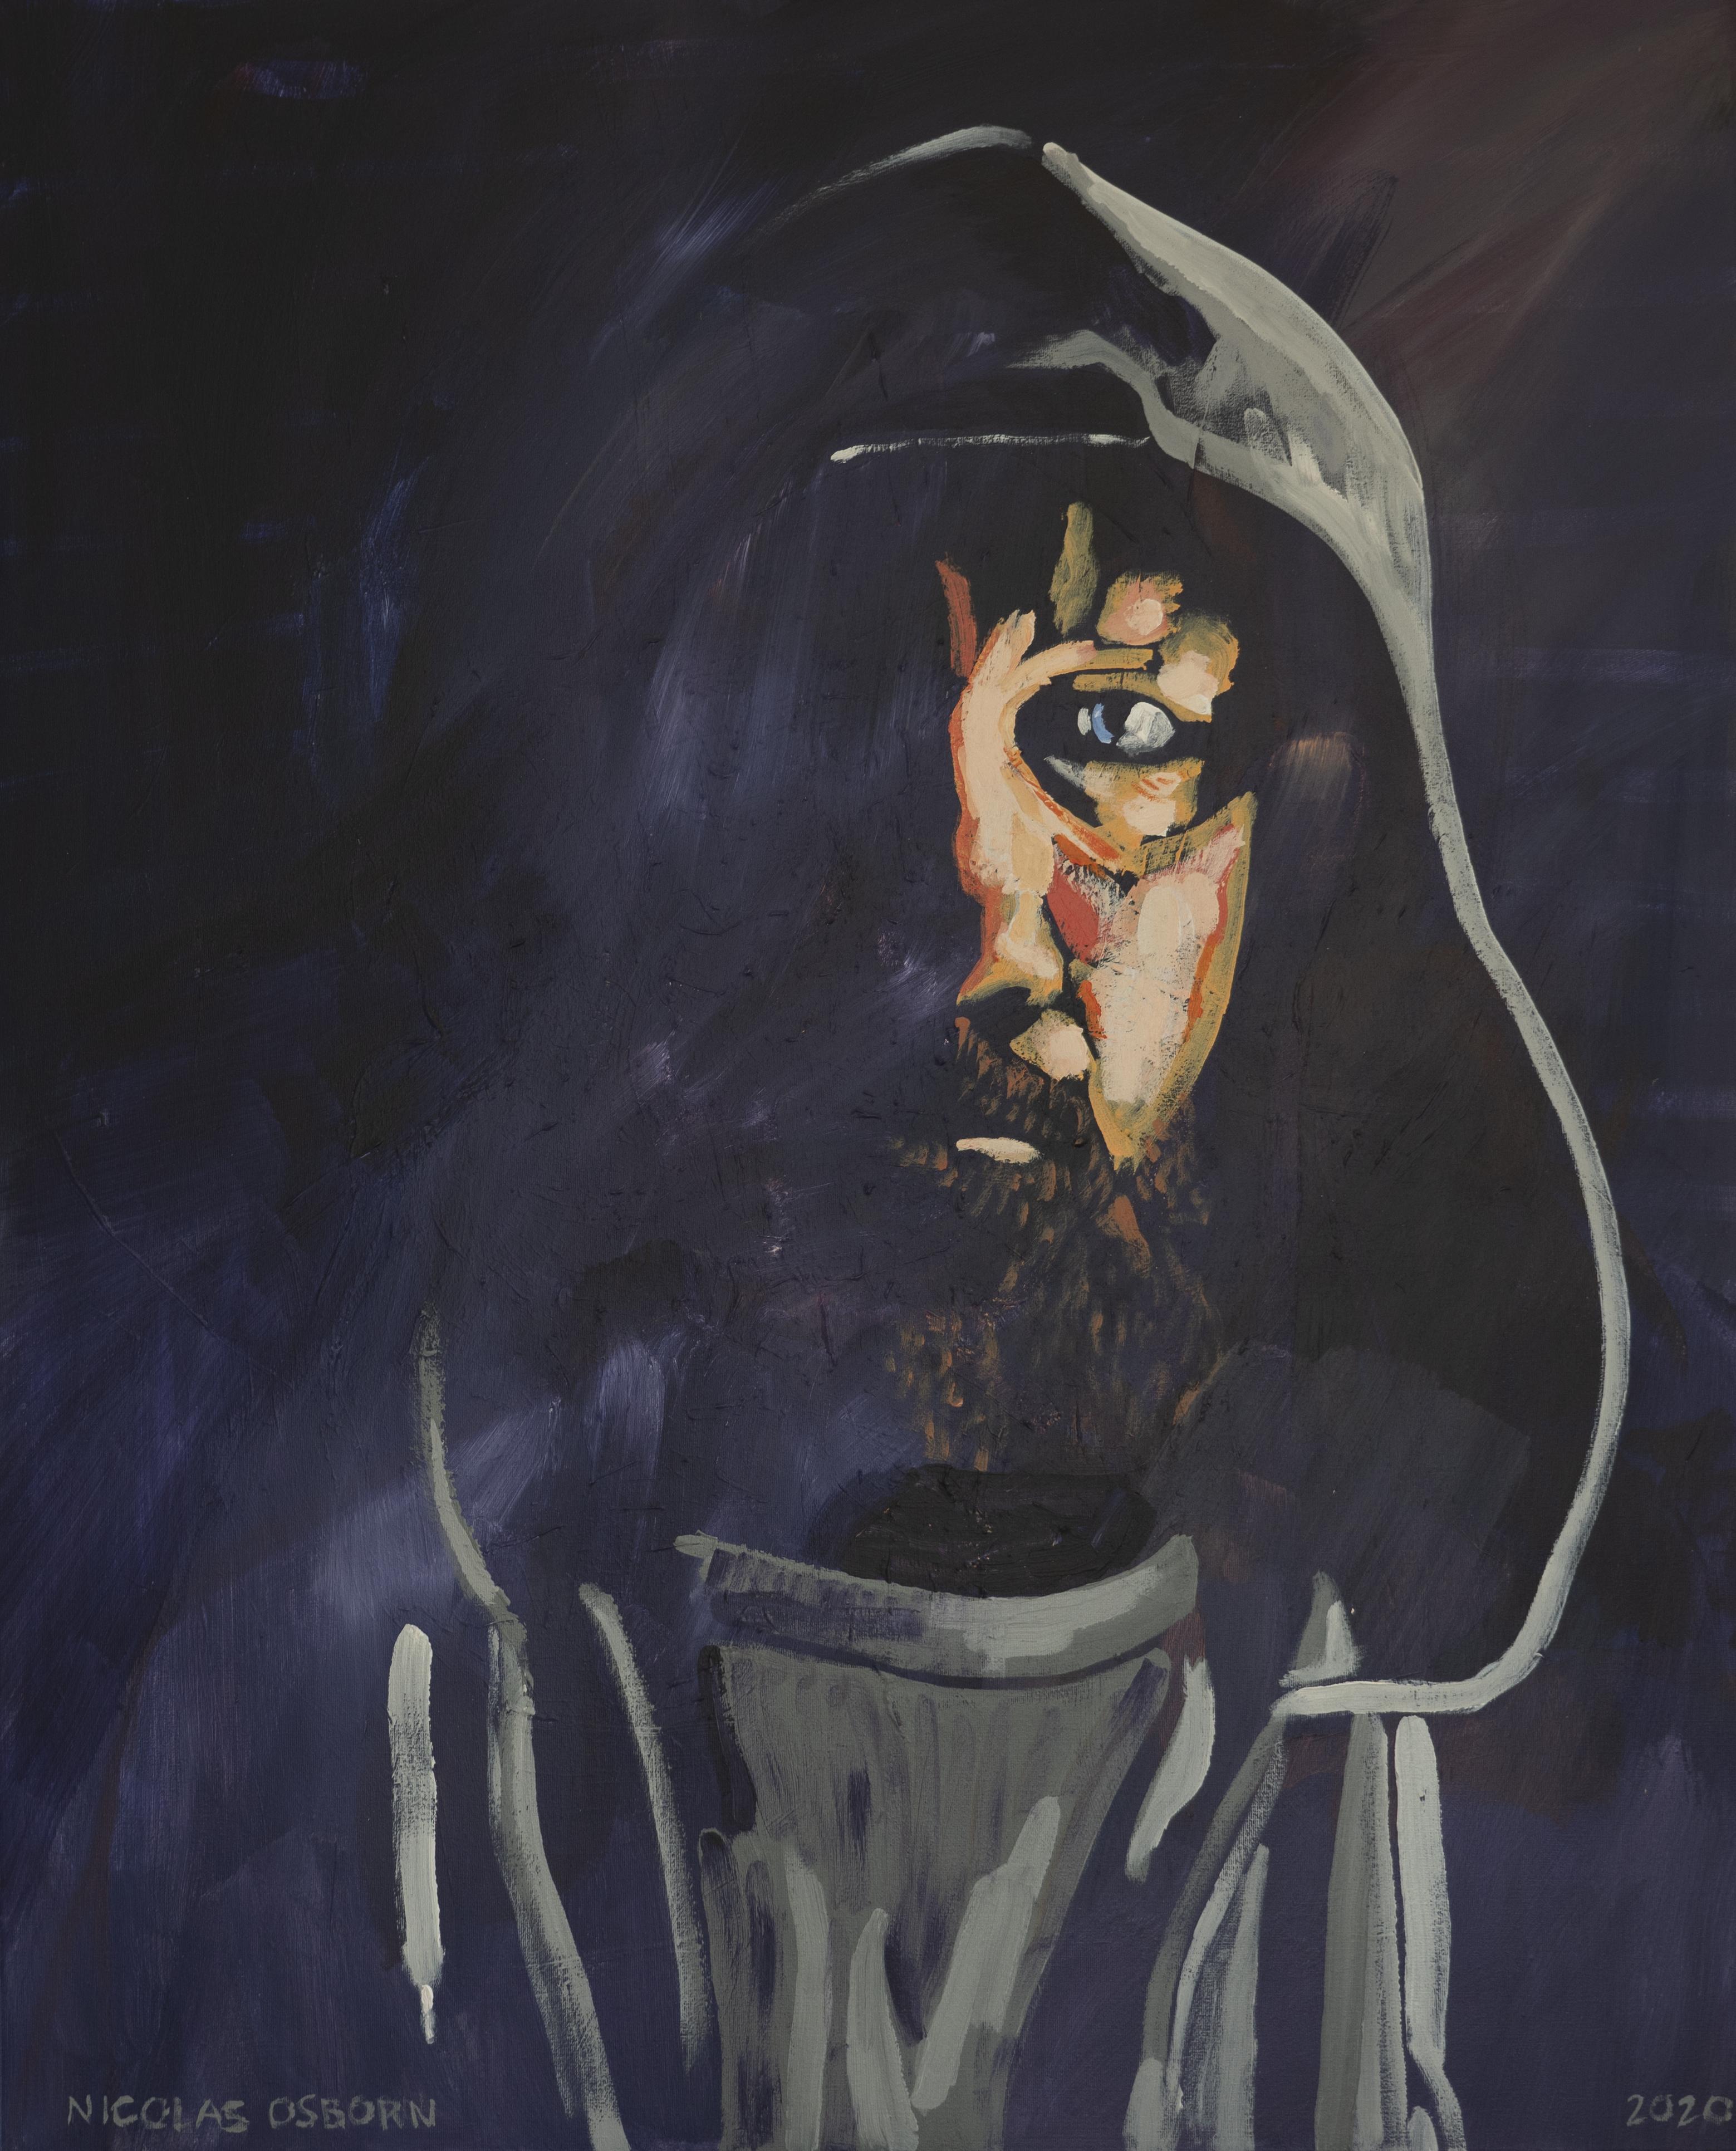 Homme a la Capuche sur Fond Violet Painting Nicolas Osborn